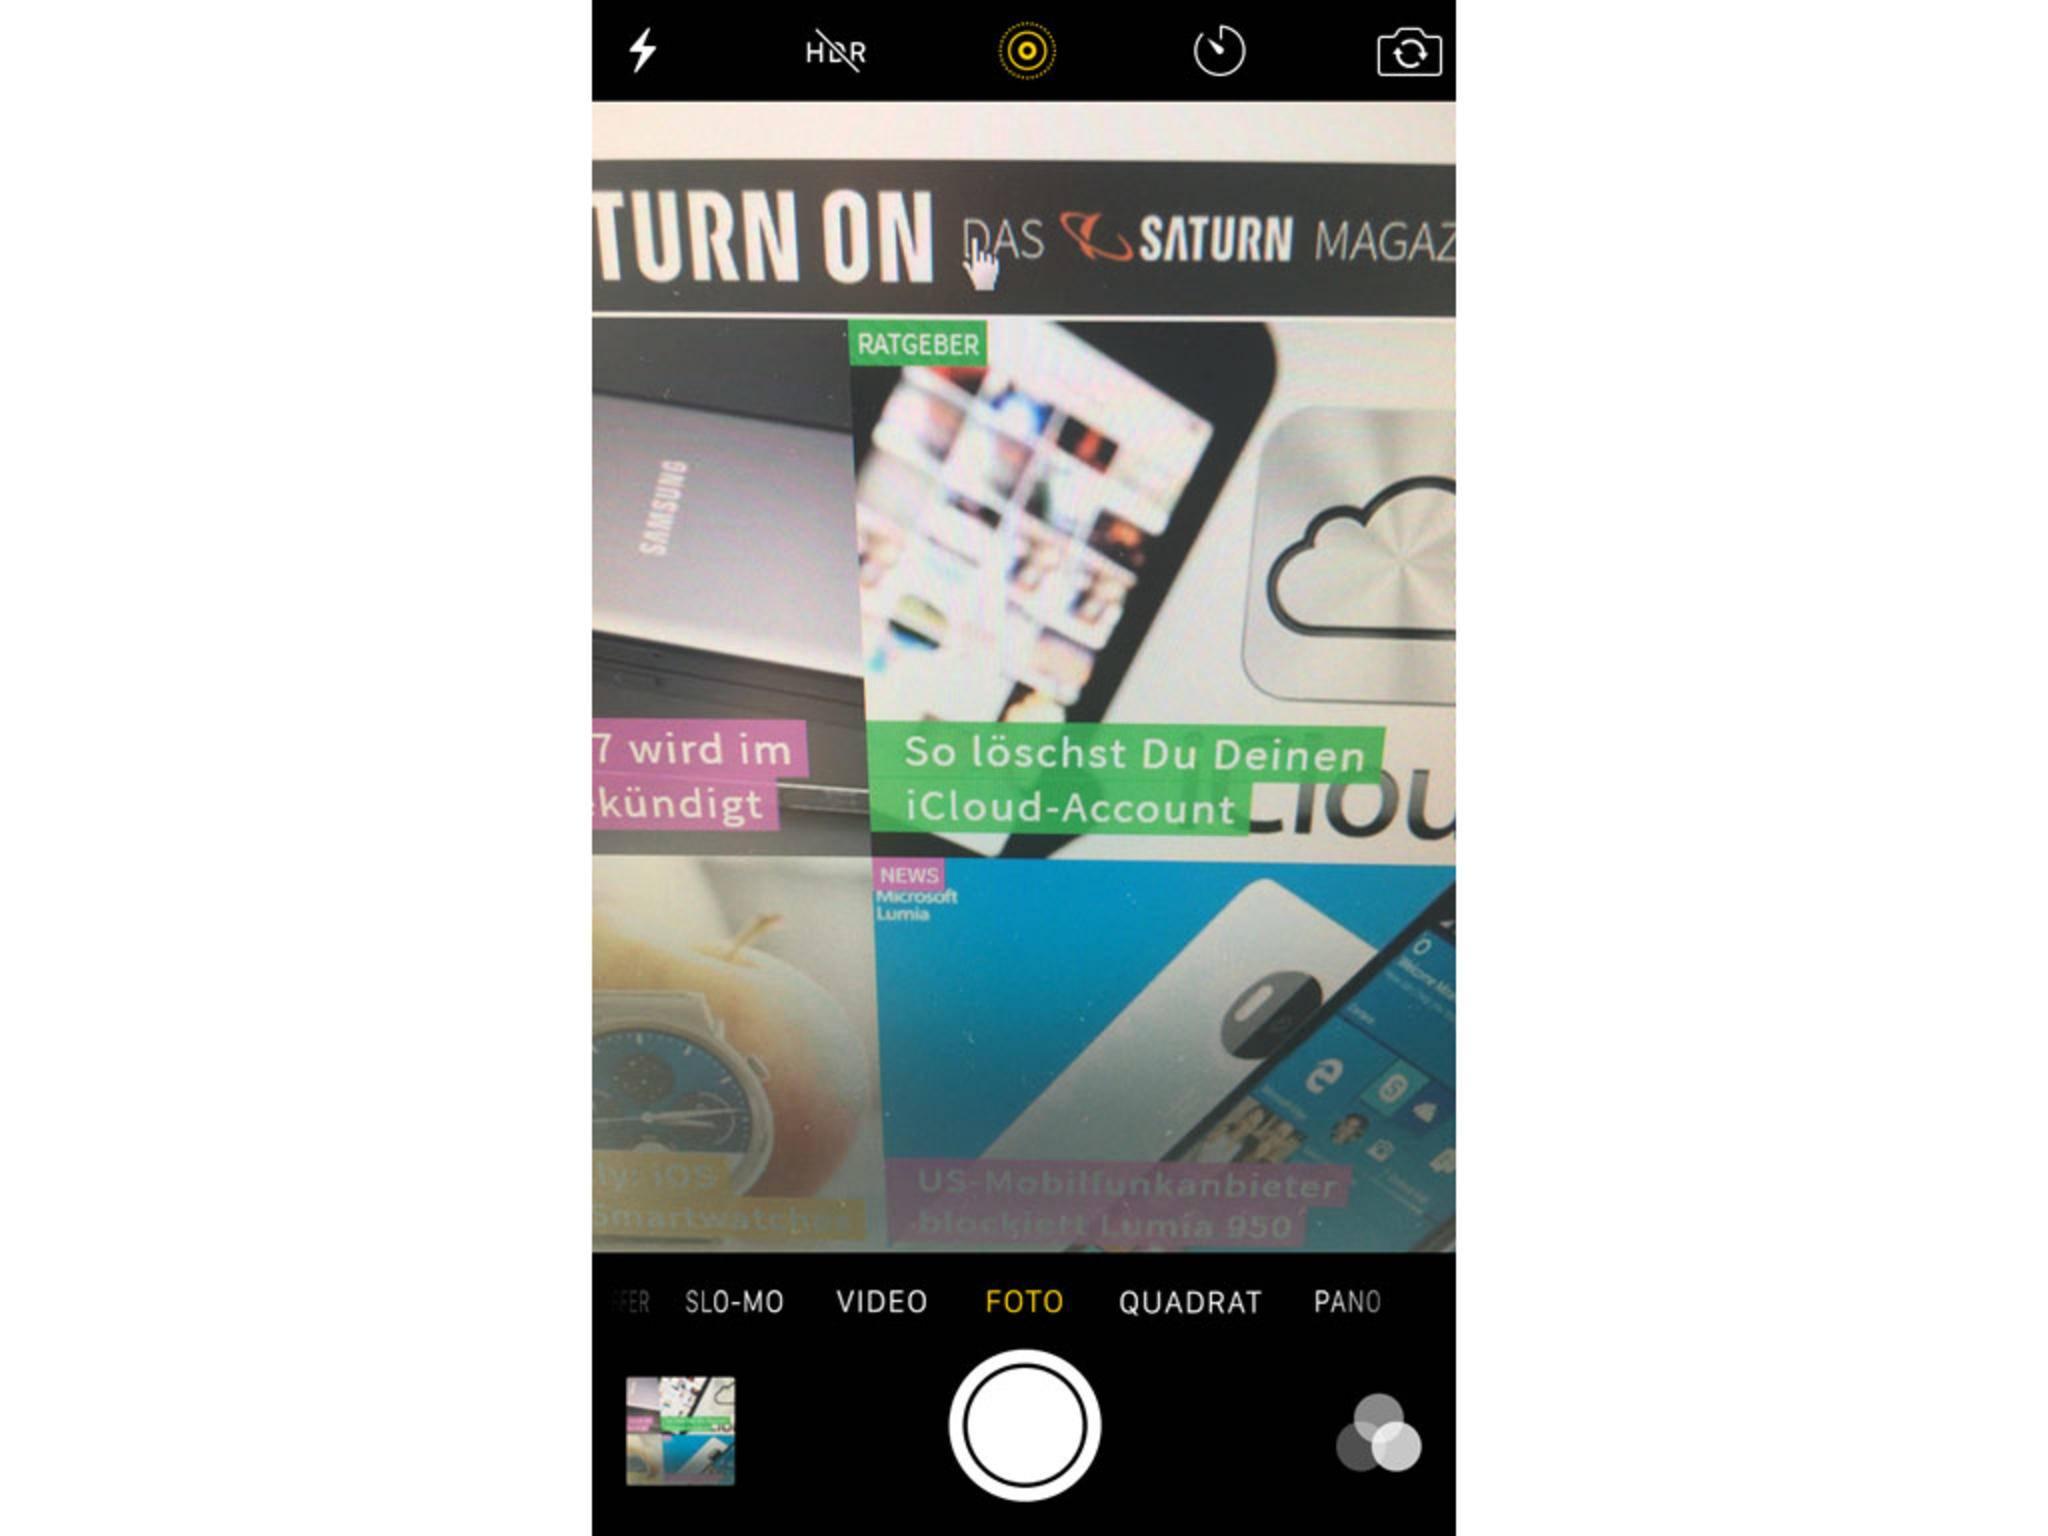 Das gelbe kreisähnliche Icon signalisiert die aktive Live-Photos-Funktion.